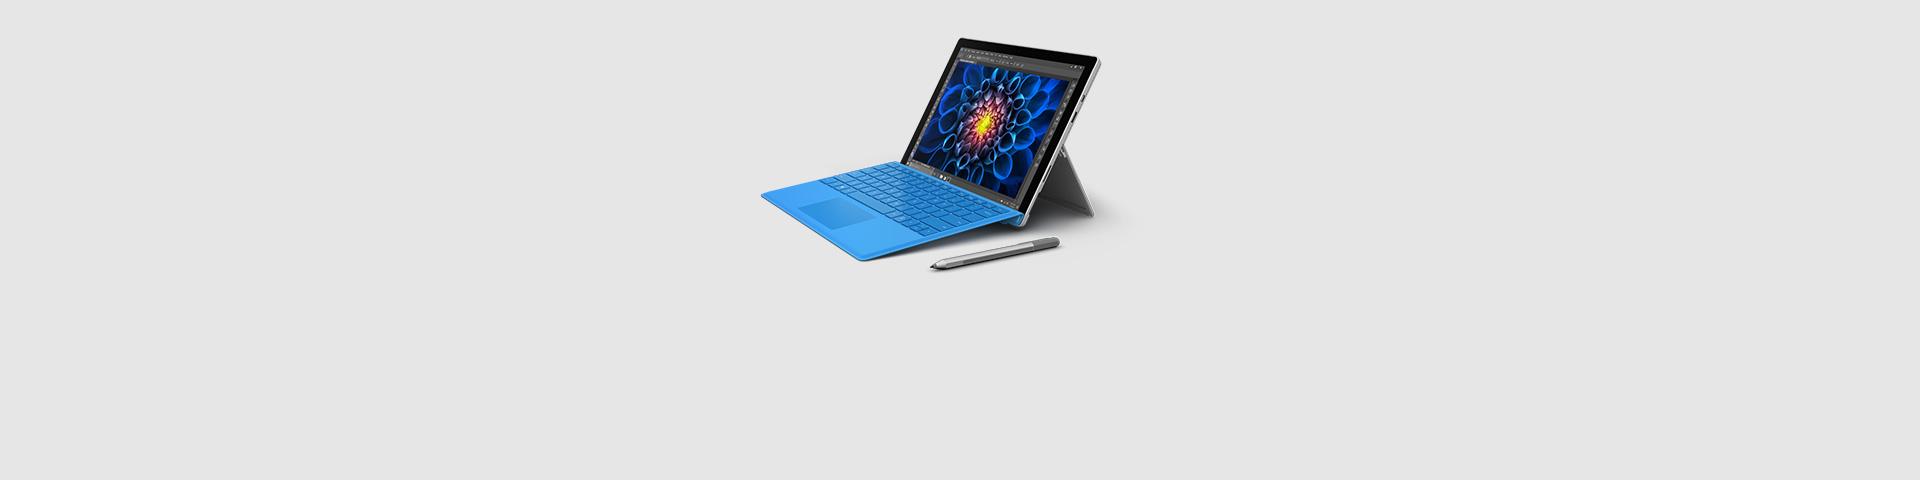 Ein SurfacePro4-Gerät